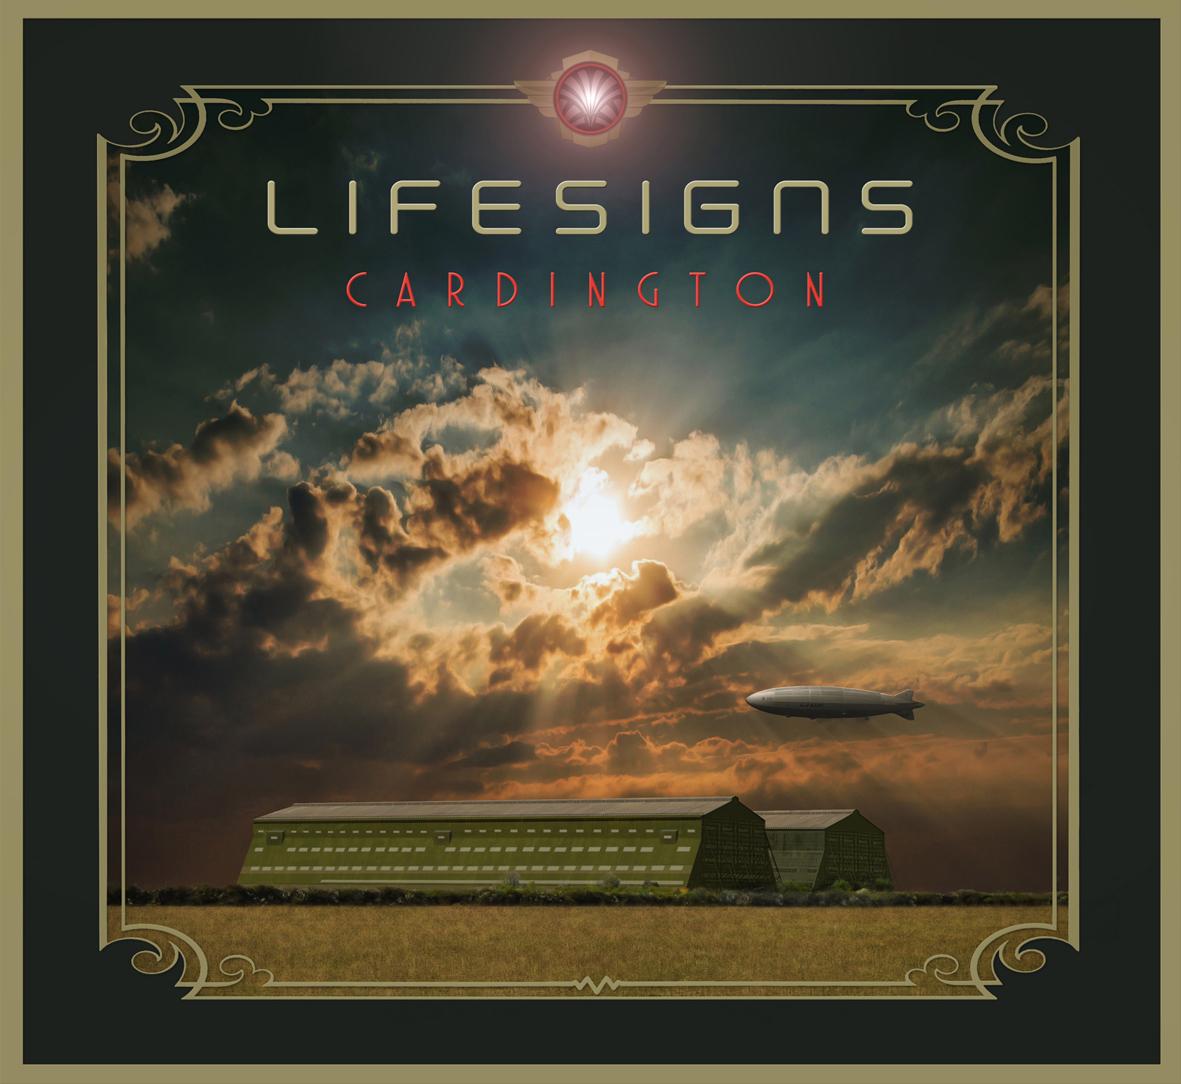 Lifesigns – Cardington (Album Review)